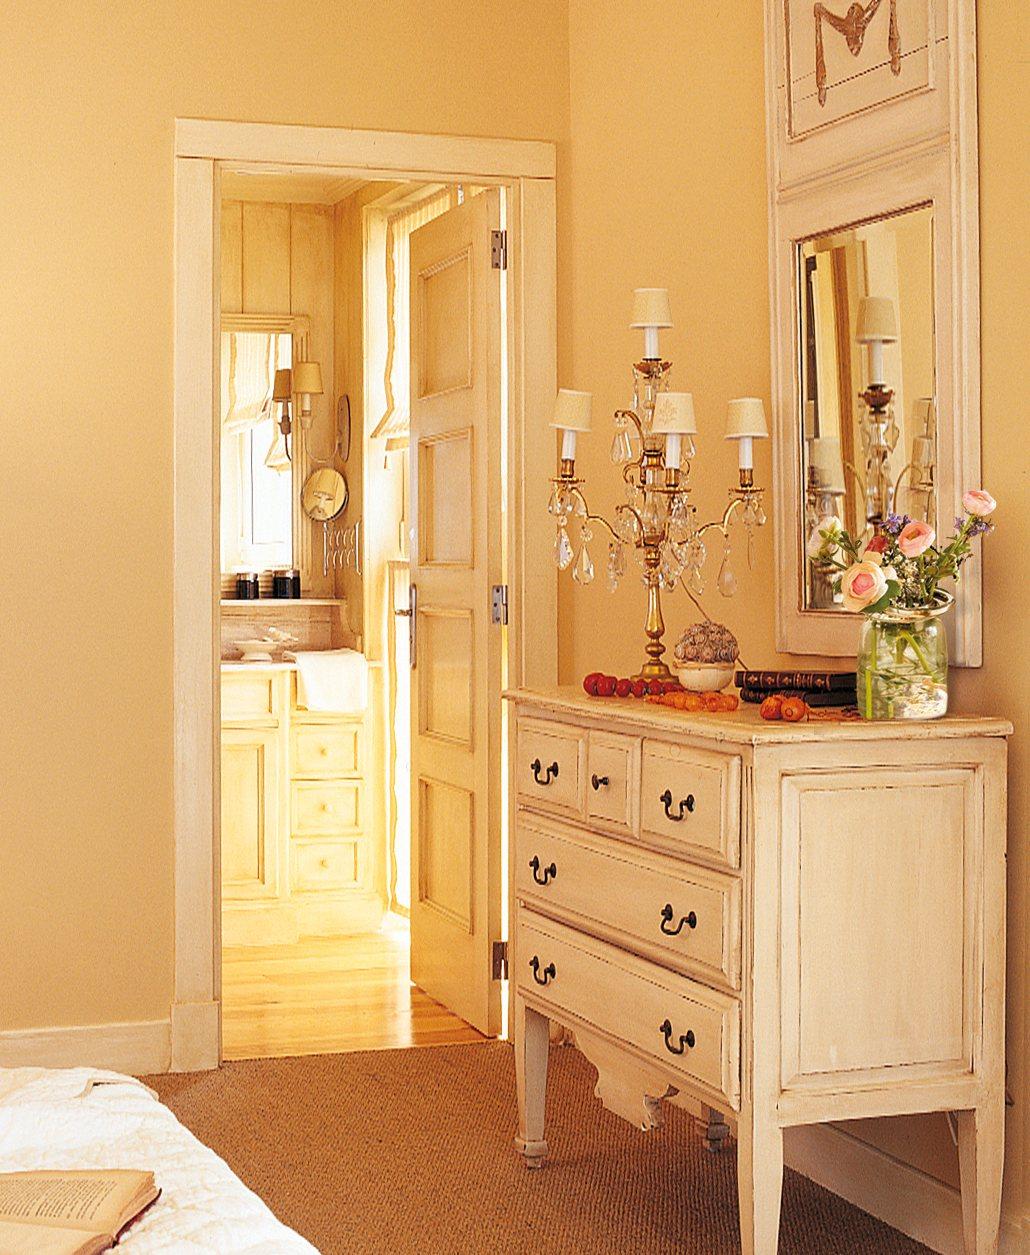 Acosta muebles y electr nica dormitorios ideas para for Muebles estilo l